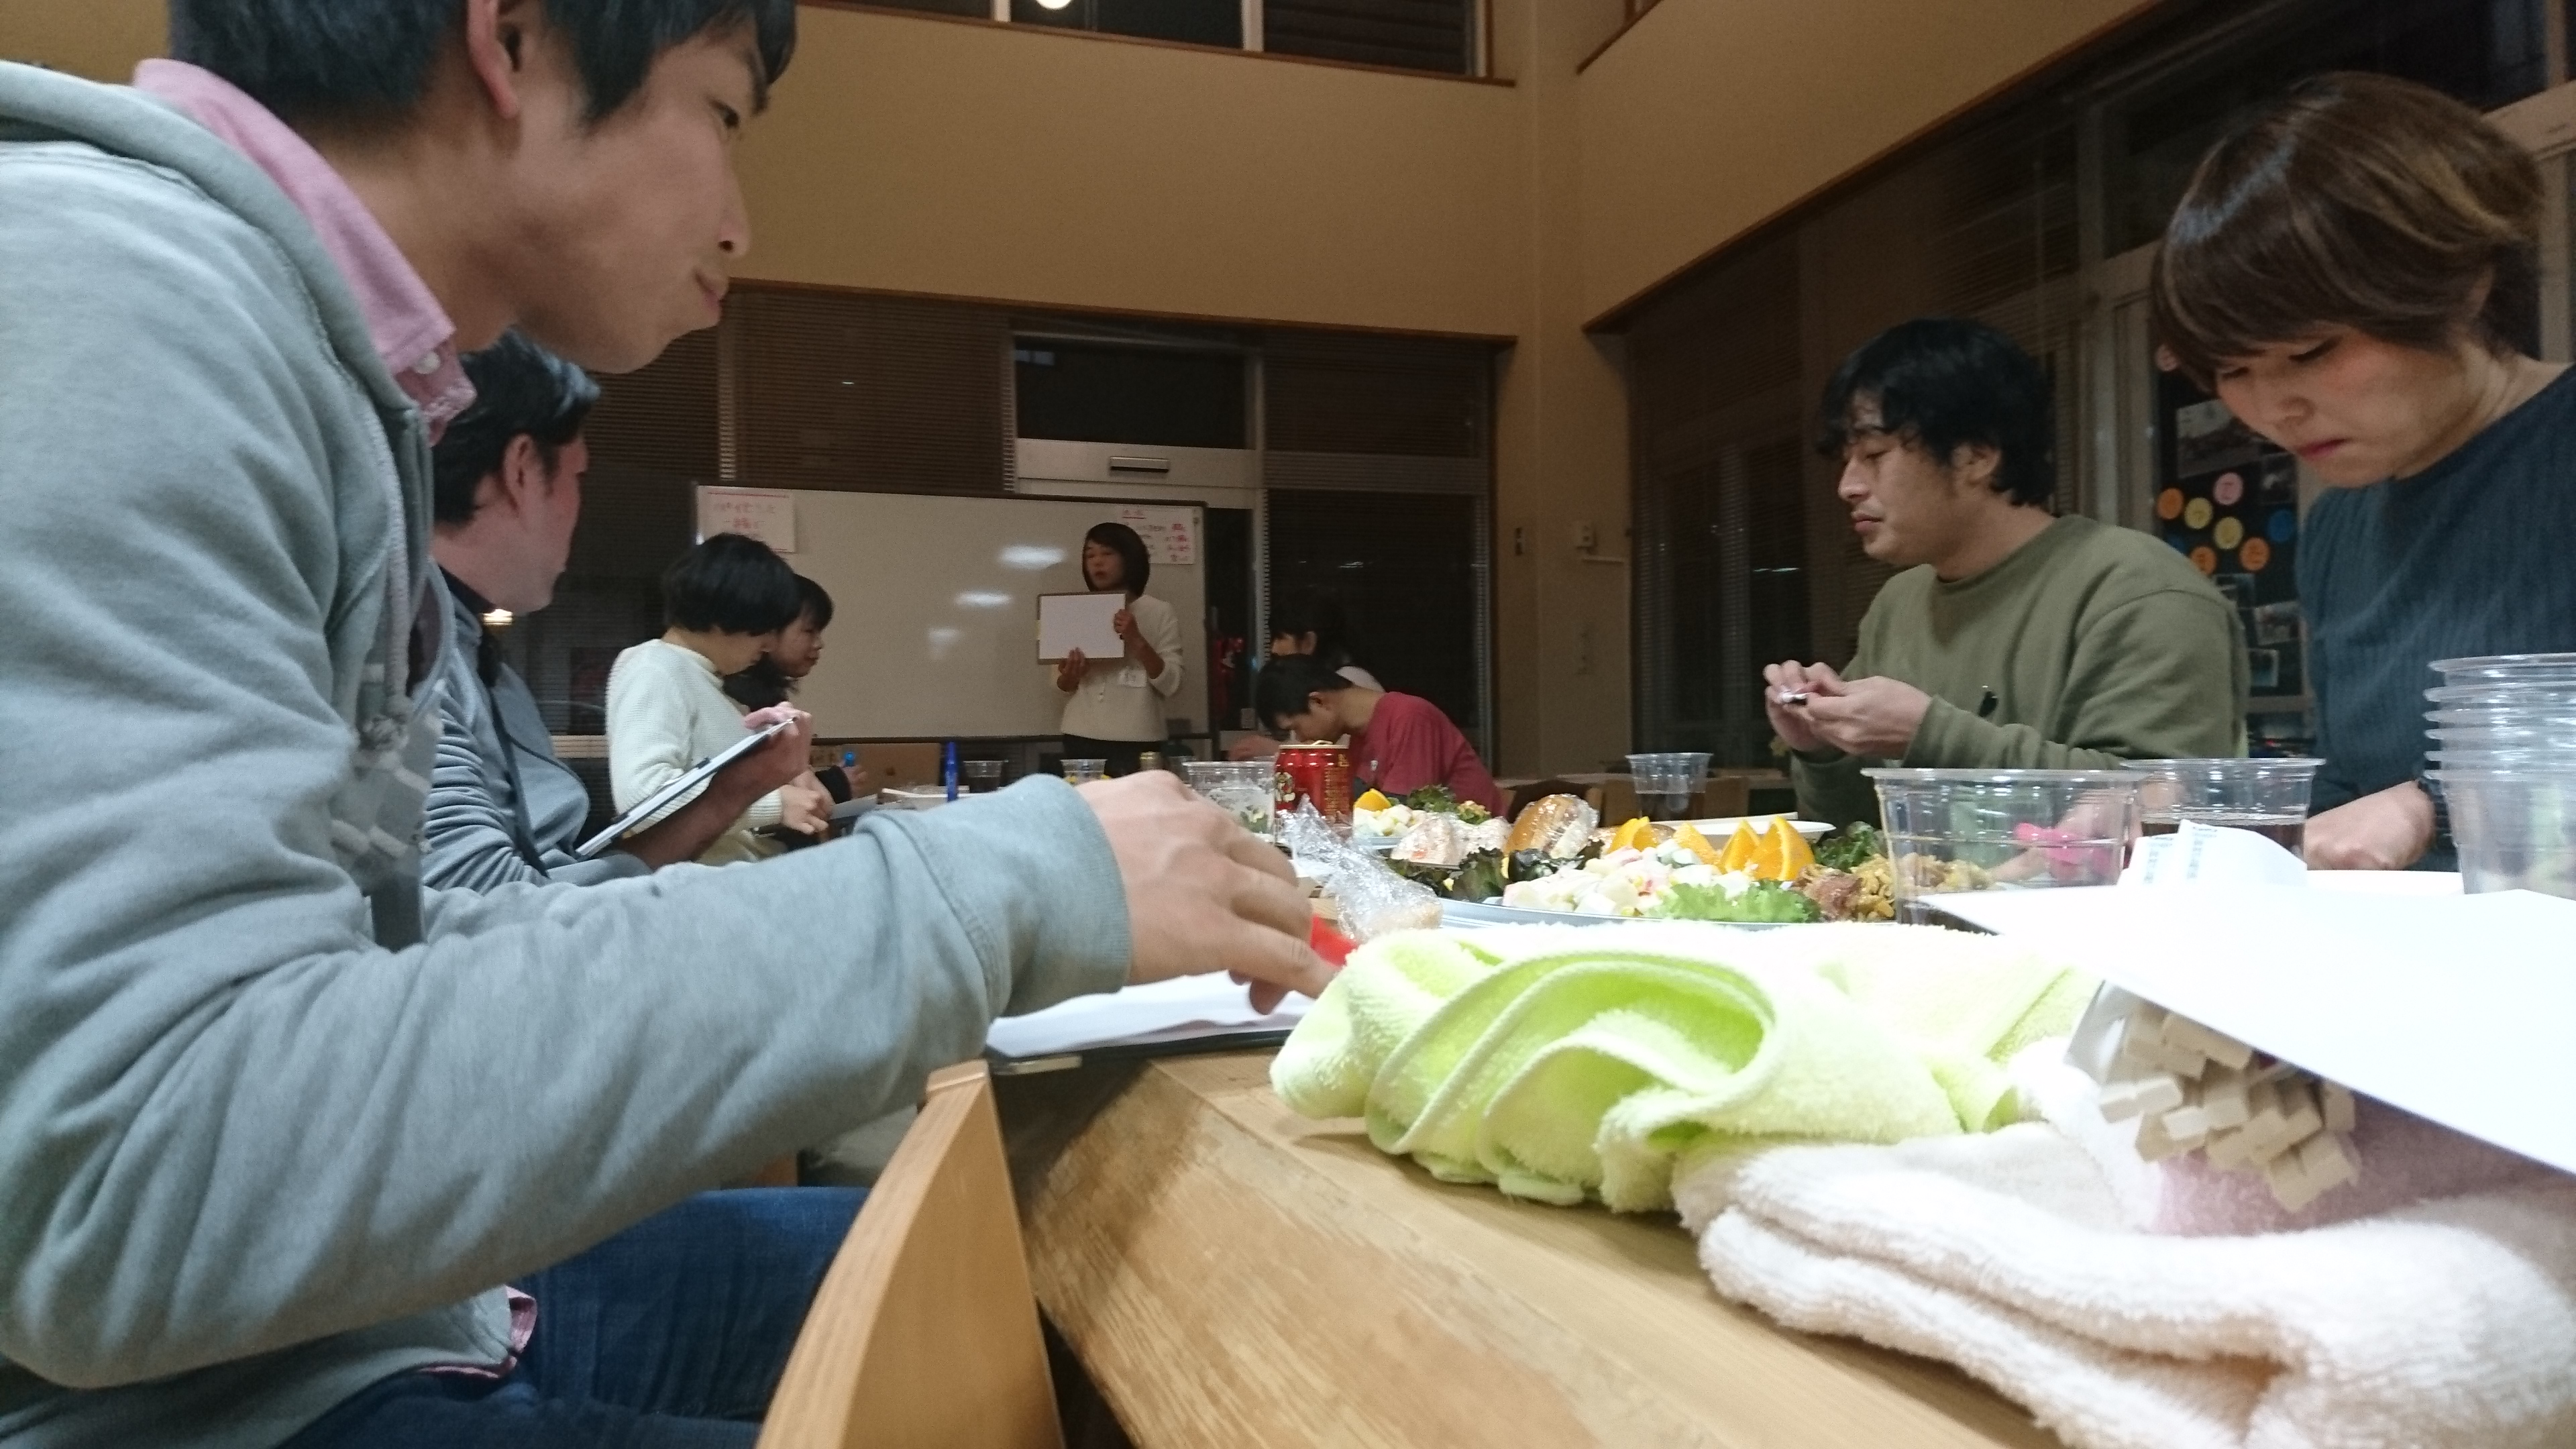 第1回パイセンと一緒に夕食会〜障害者支援者意見交換会〜